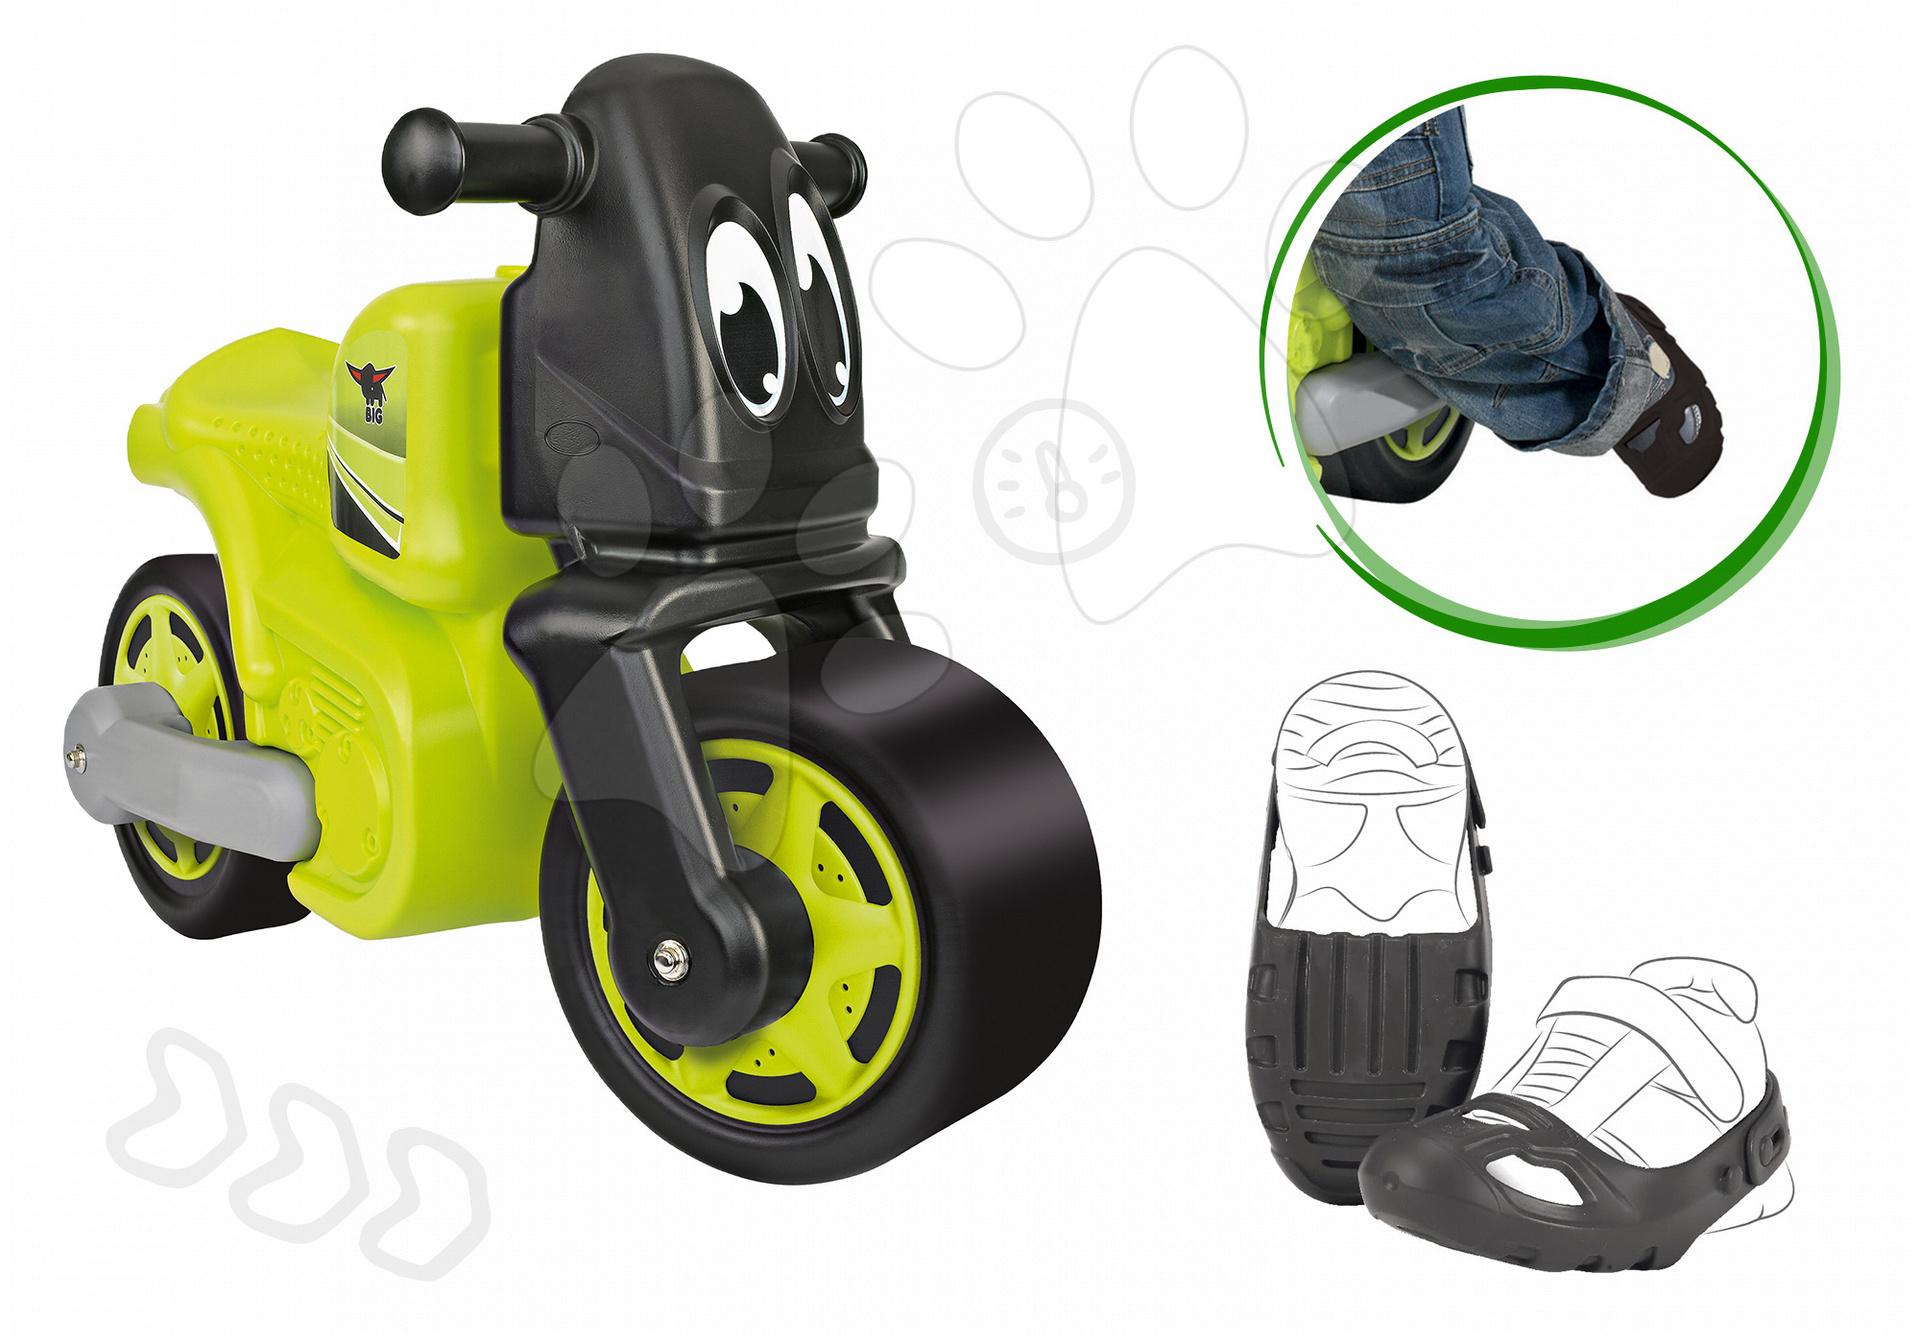 Odrážedlo motorka Racing Bike BIG a ochranné návleky na boty velikost 21-27 od 18 měsíců